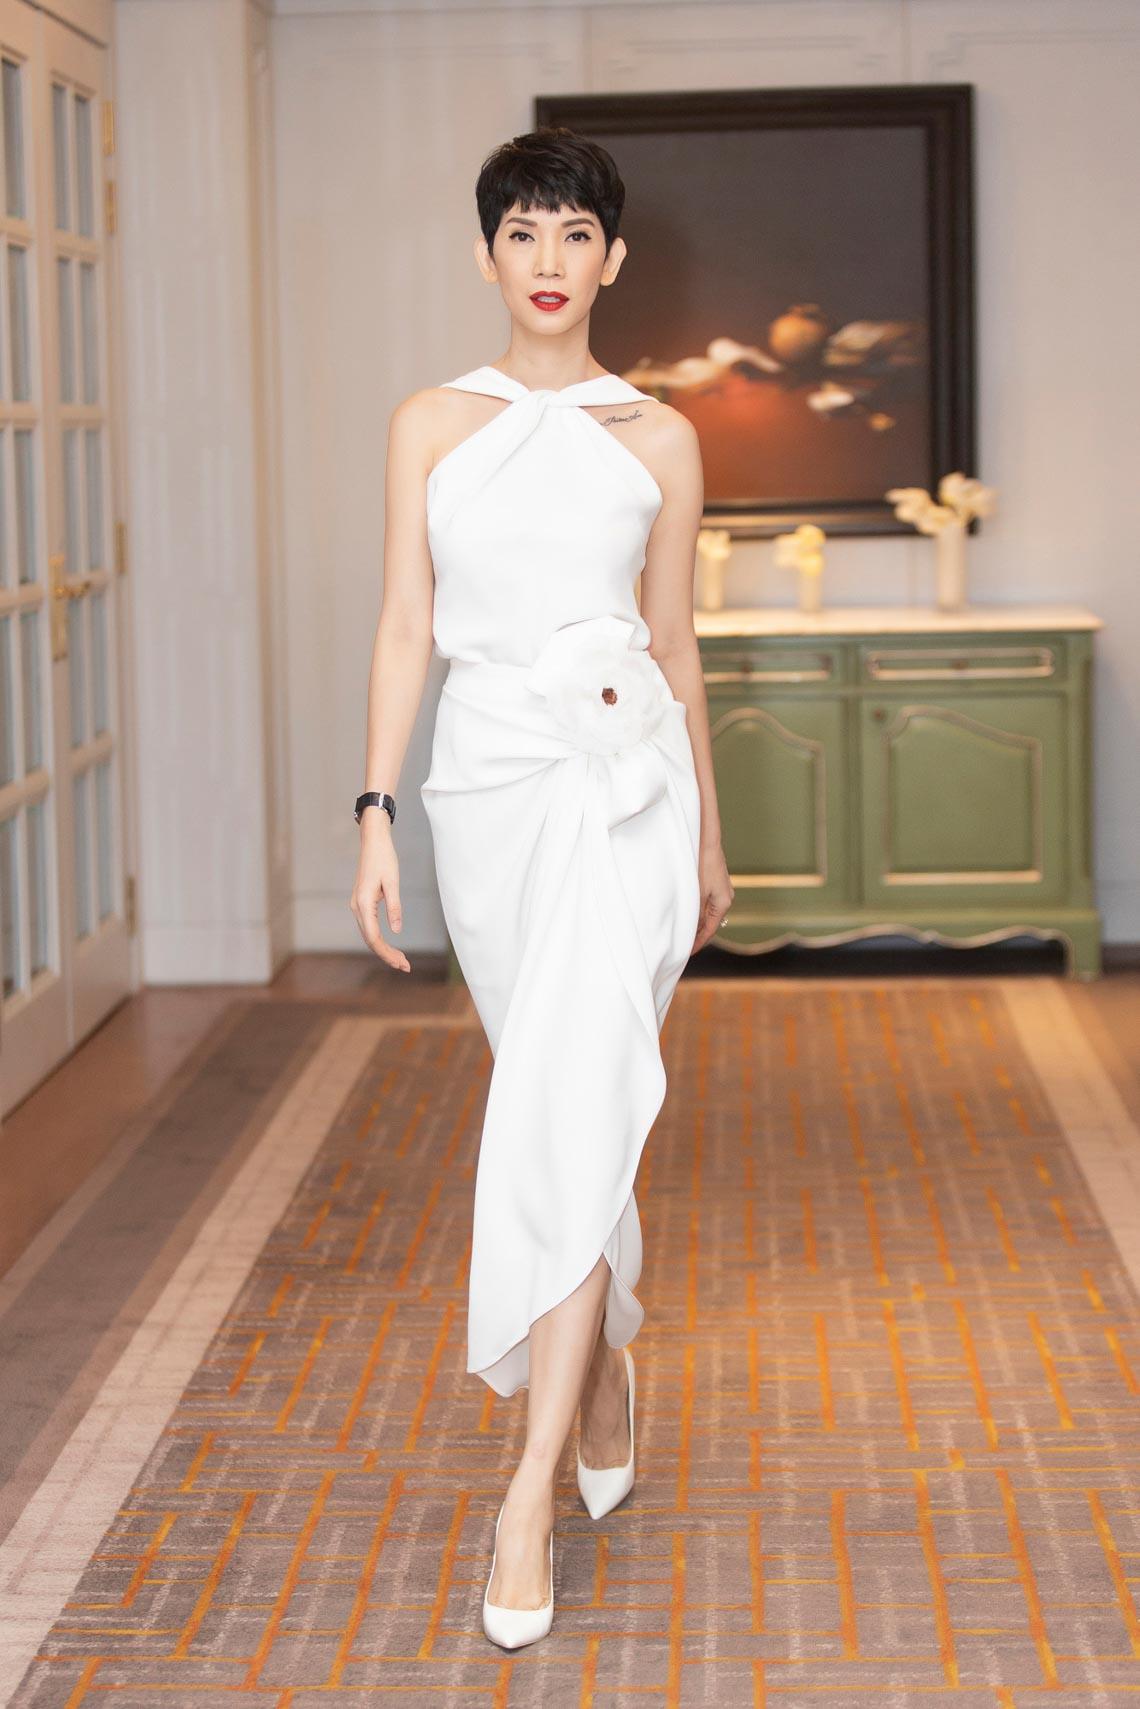 Dàn mỹ nhân diện trang phục trắng tinh khôi của NTK Đỗ Mạnh Cường - 3